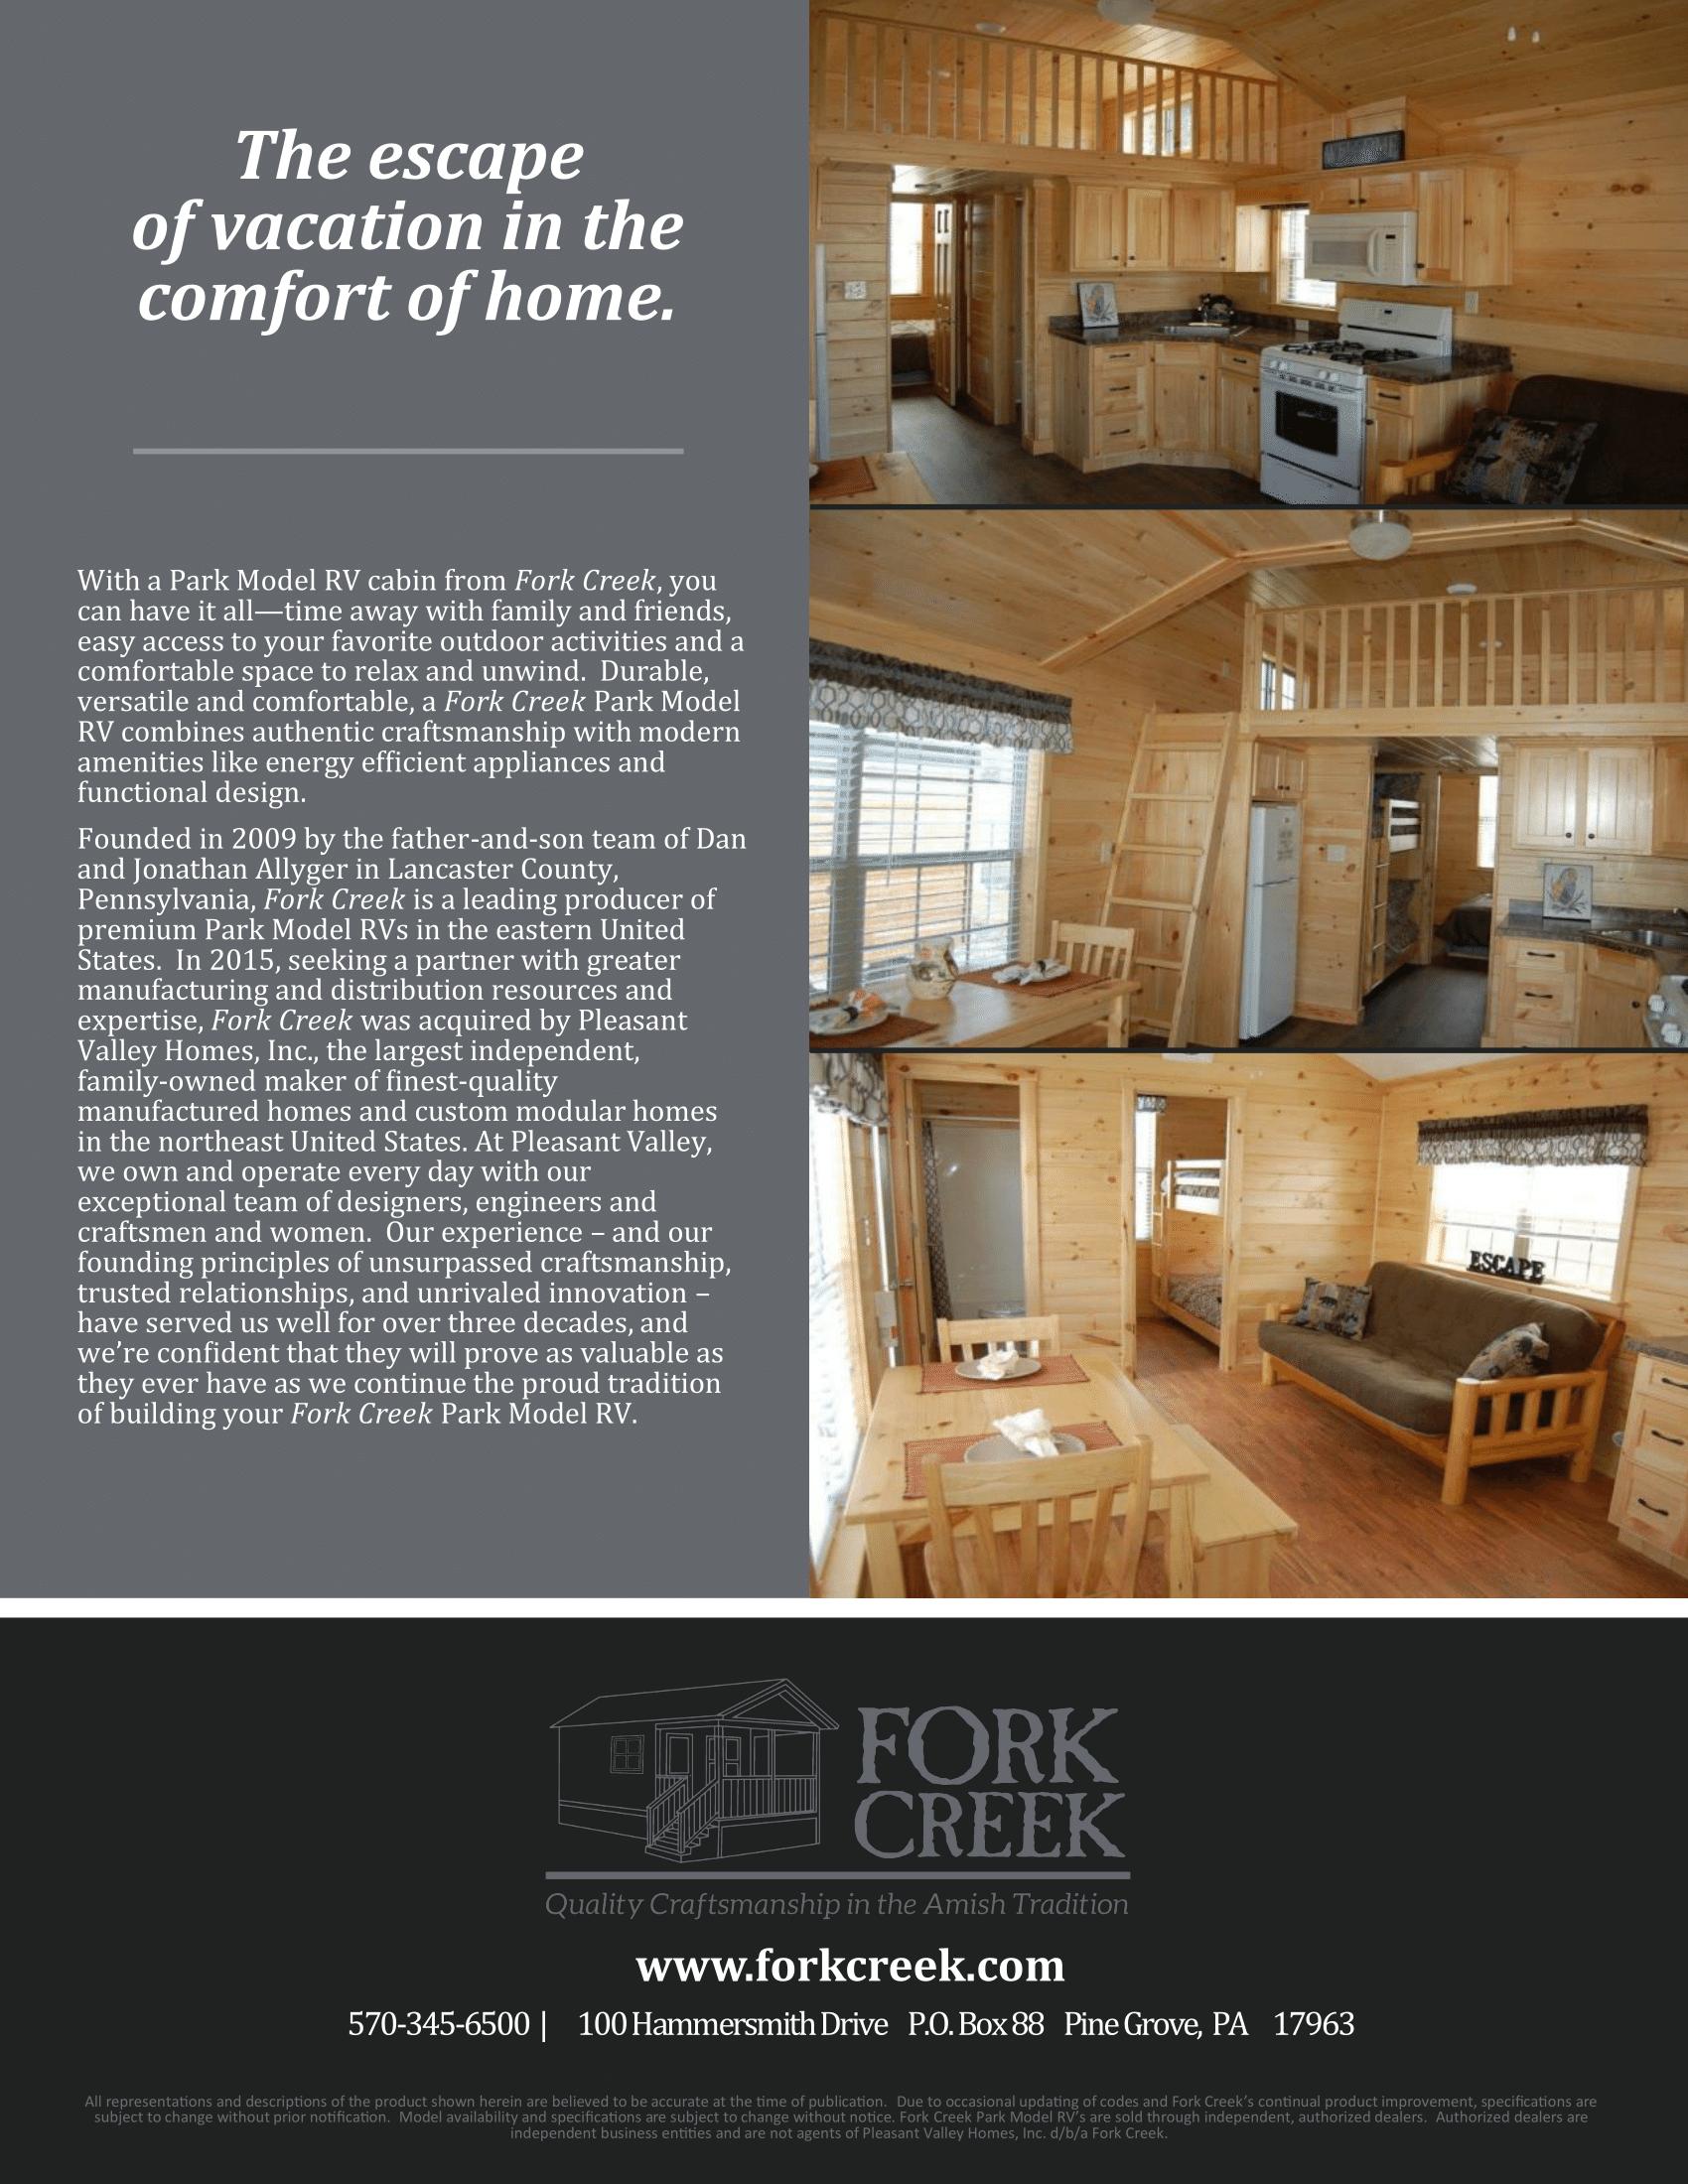 fork-creek-brochure-12.png